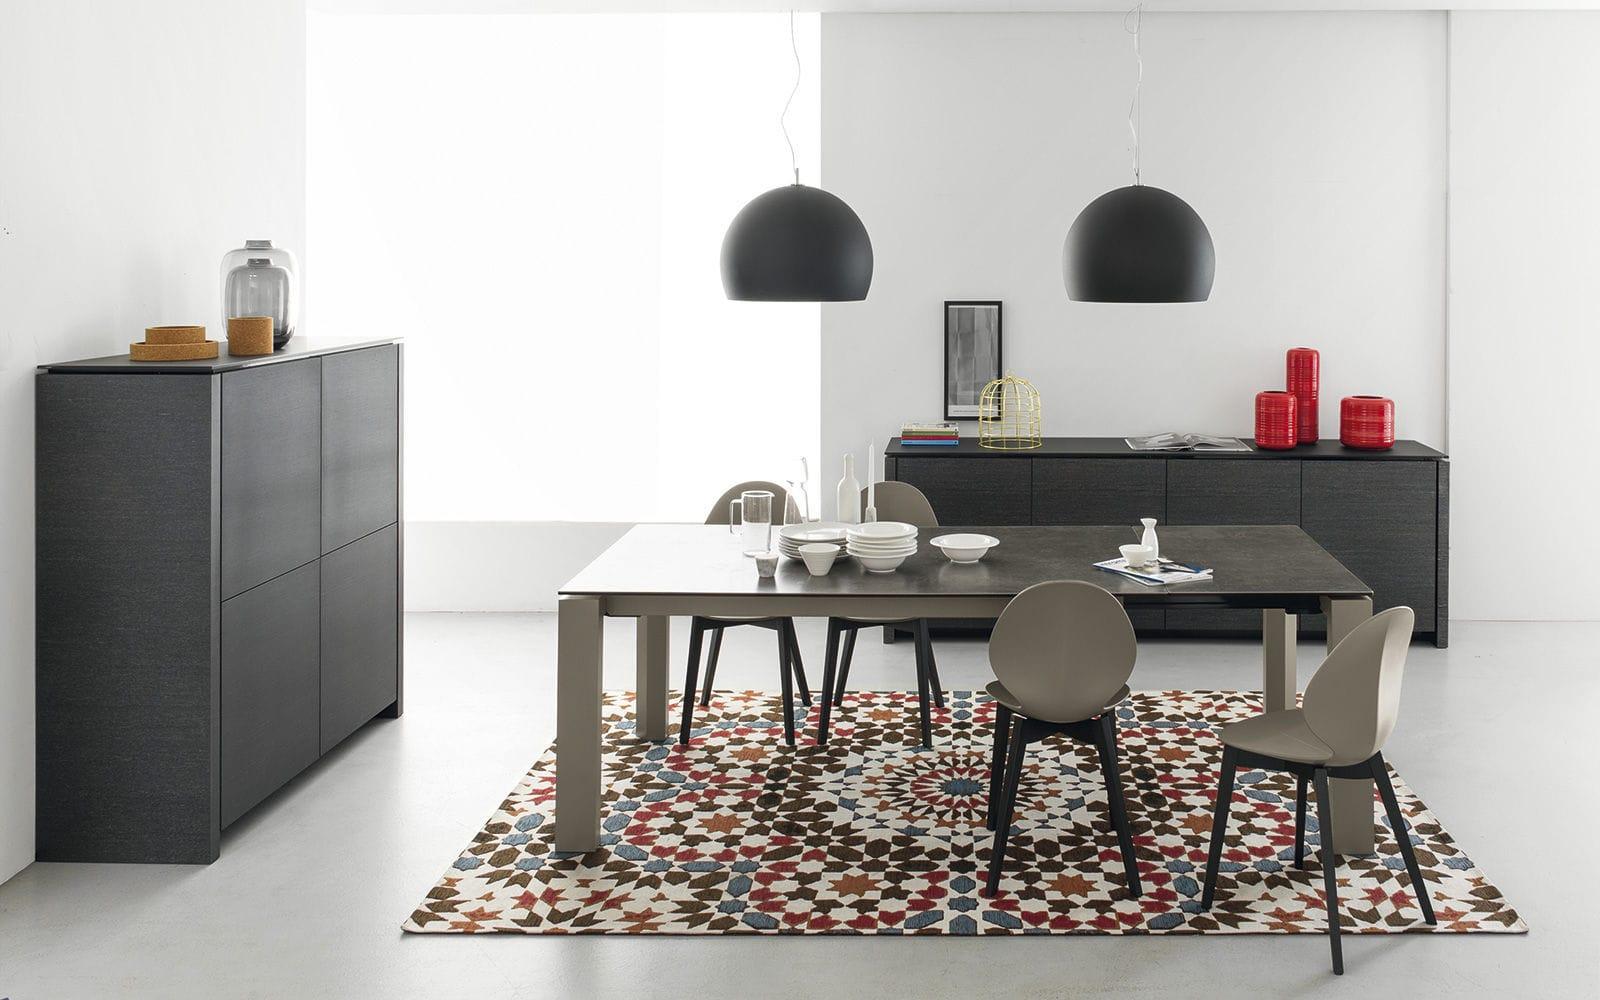 Sedia moderna / ergonomica / 100% riciclabile / in legno massiccio ...